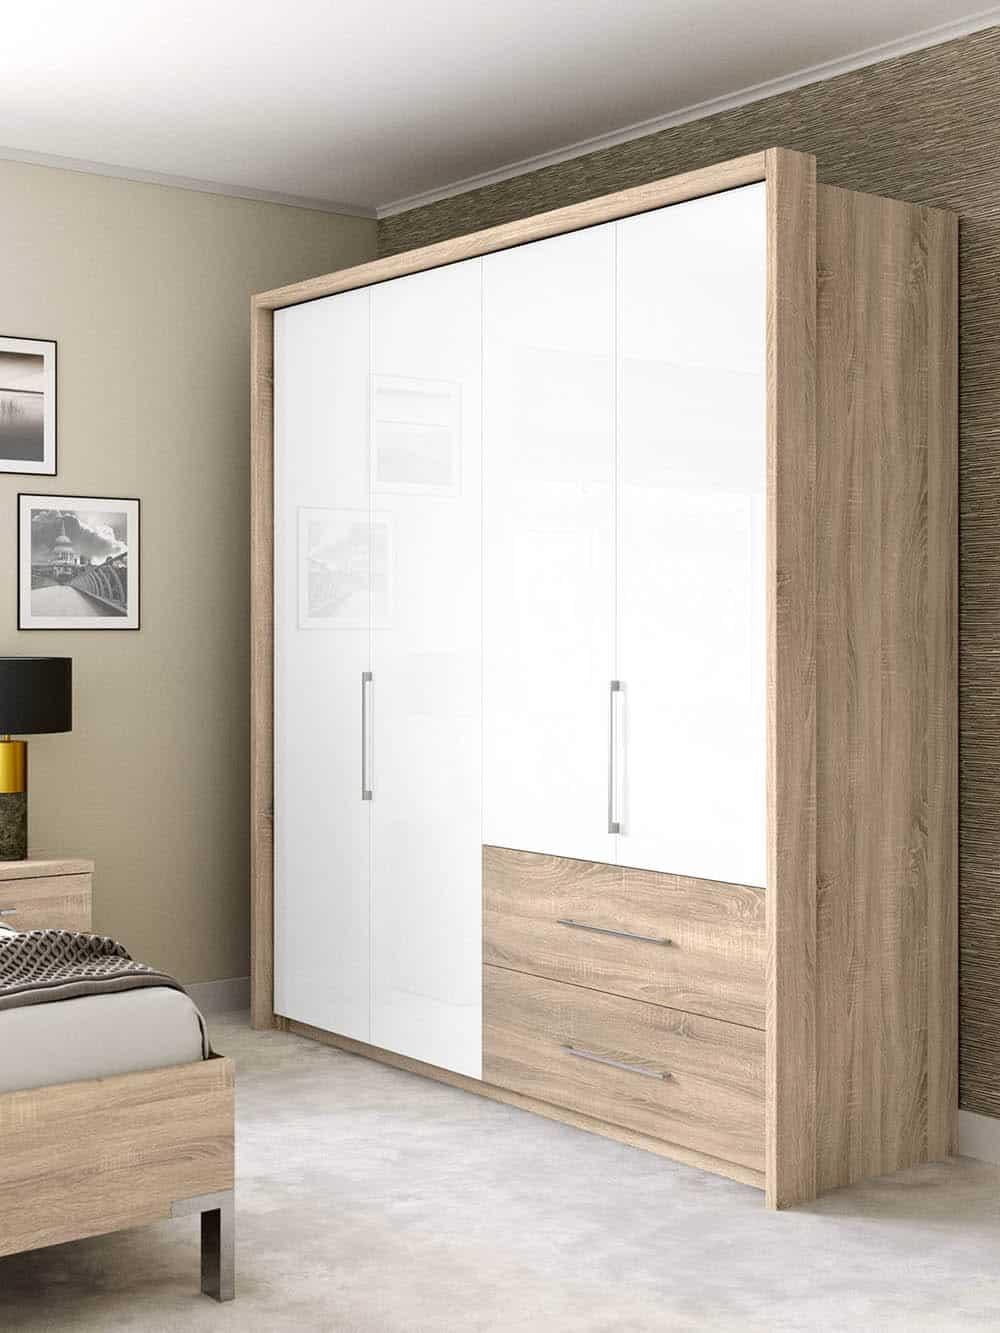 Nội thất gỗ tự nhiên là sự lựa chọn tuyệt vời cho mọi gia đình